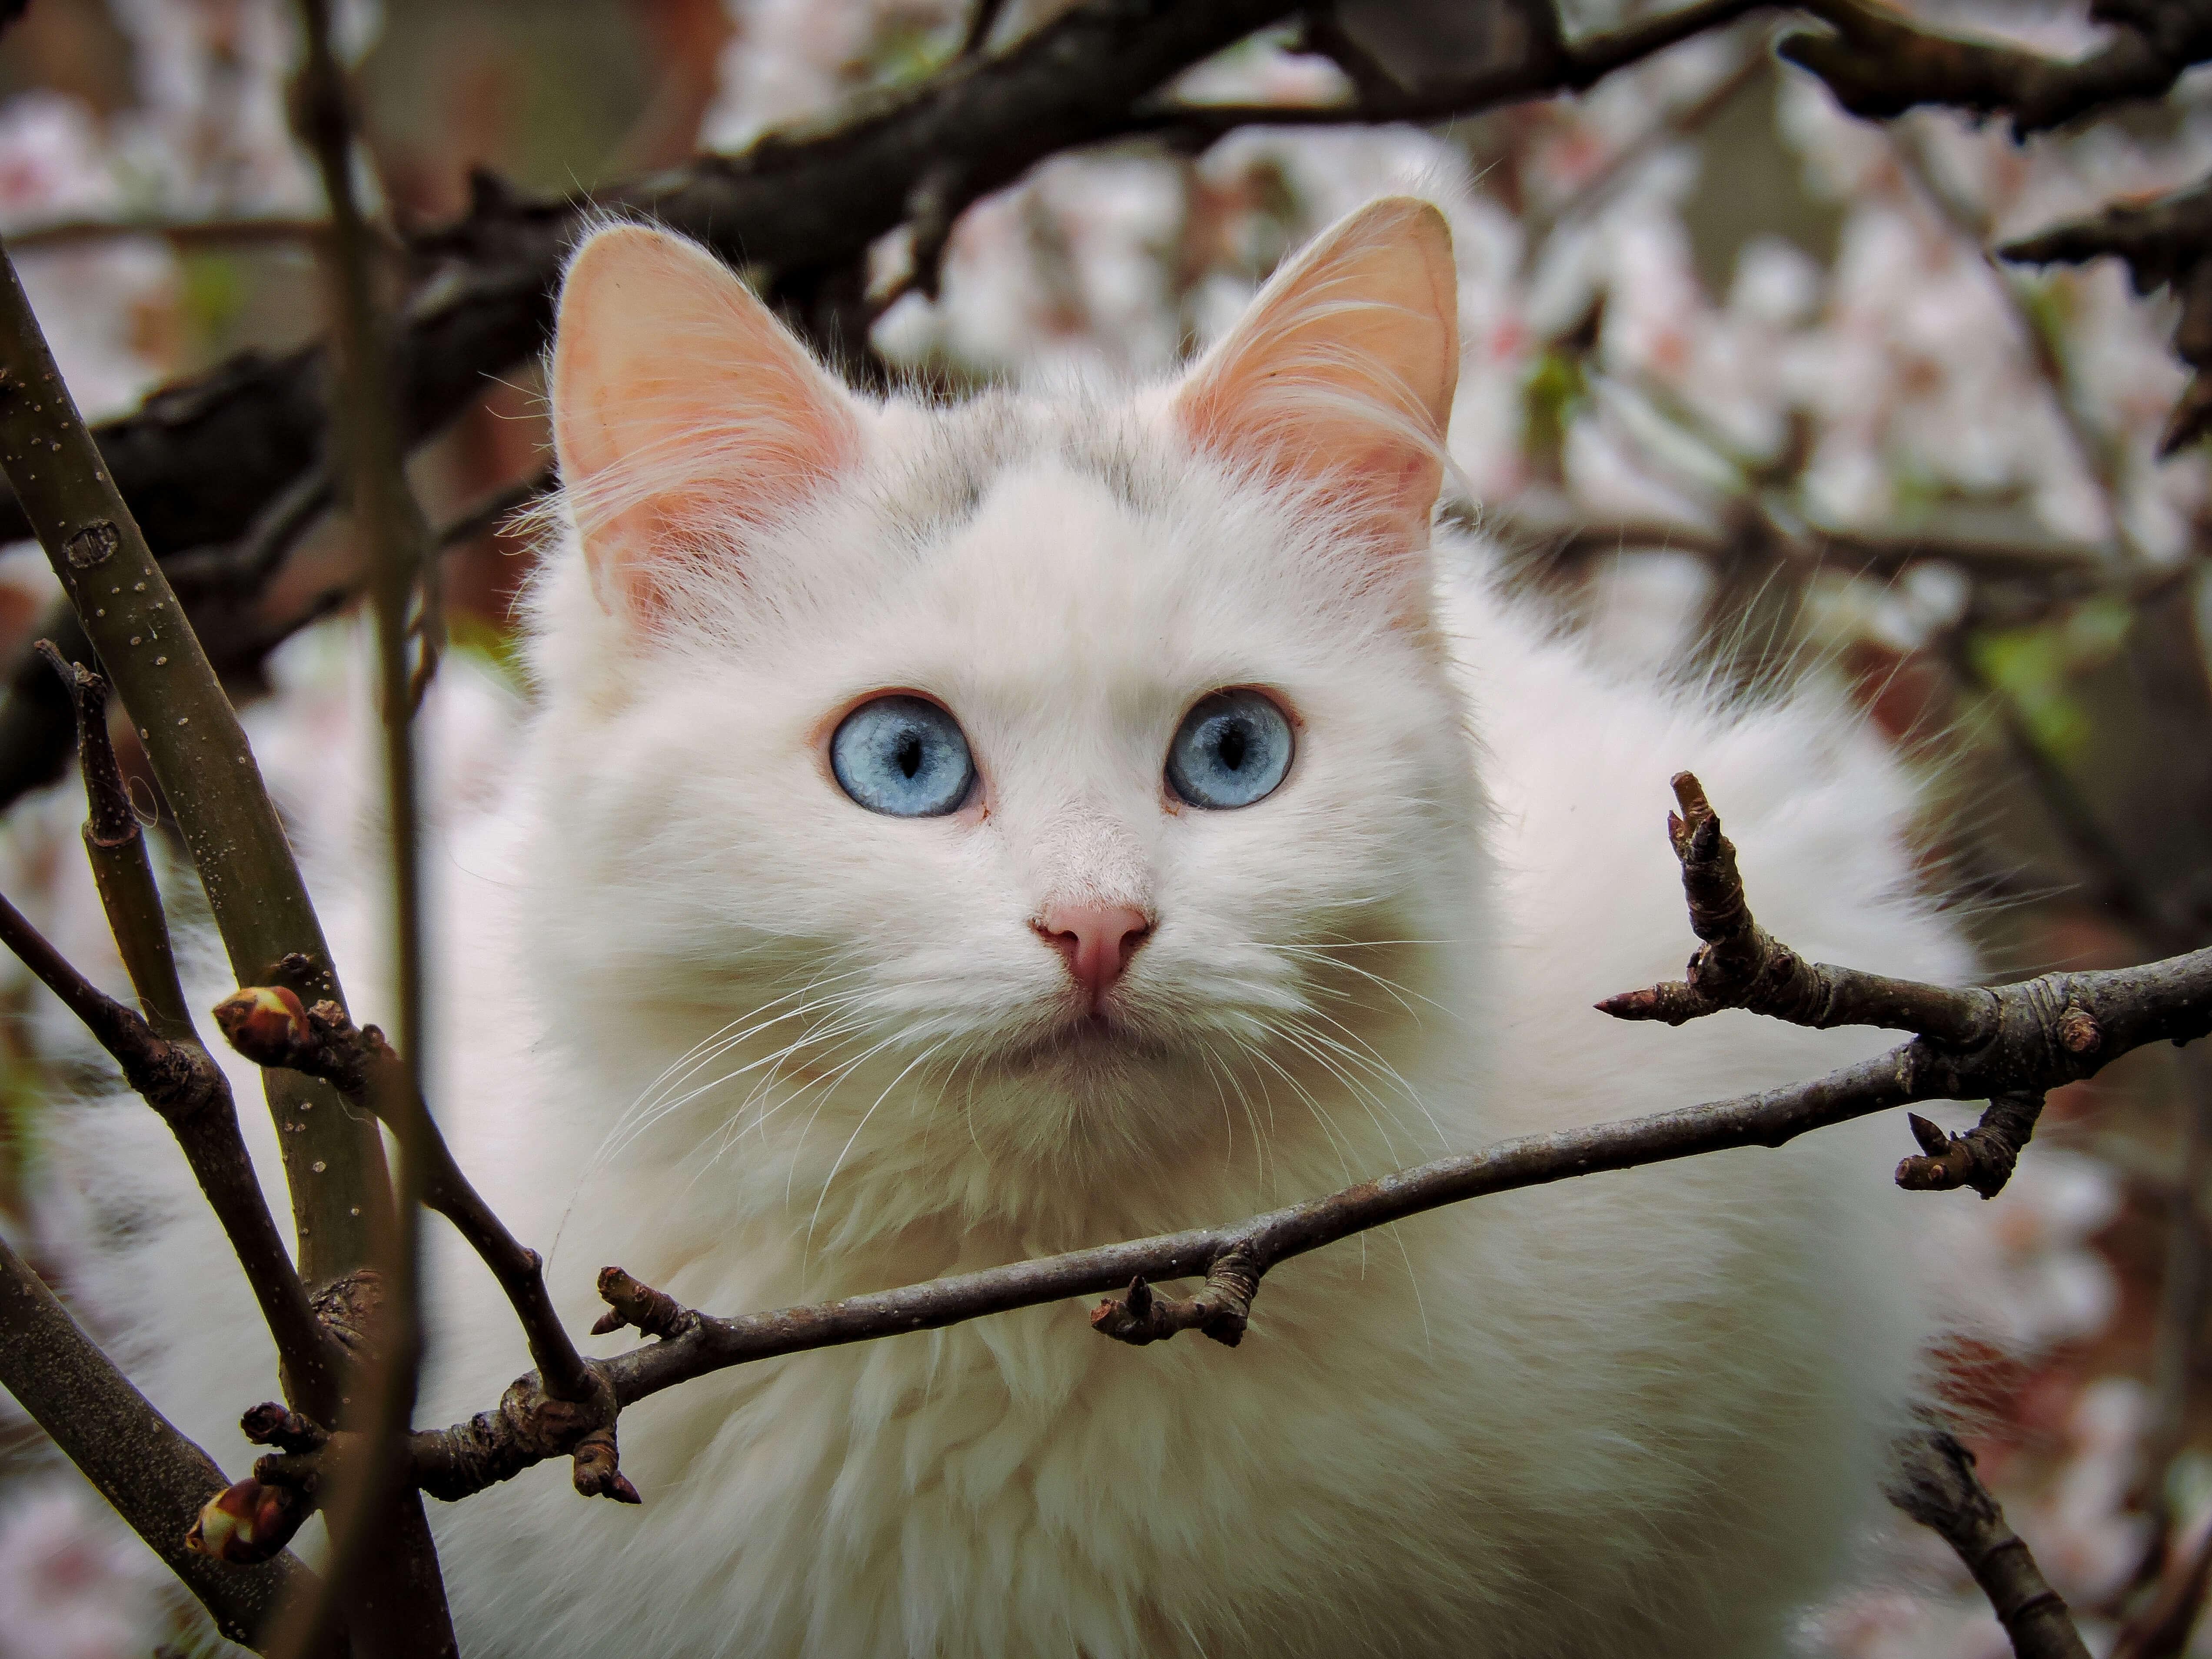 Ρέθυμνο: Σκοτώνει γάτες και δίνει στο facebook τη συνταγή για φόλες – Οργή για το επίμαχο μήνυμα [pic]